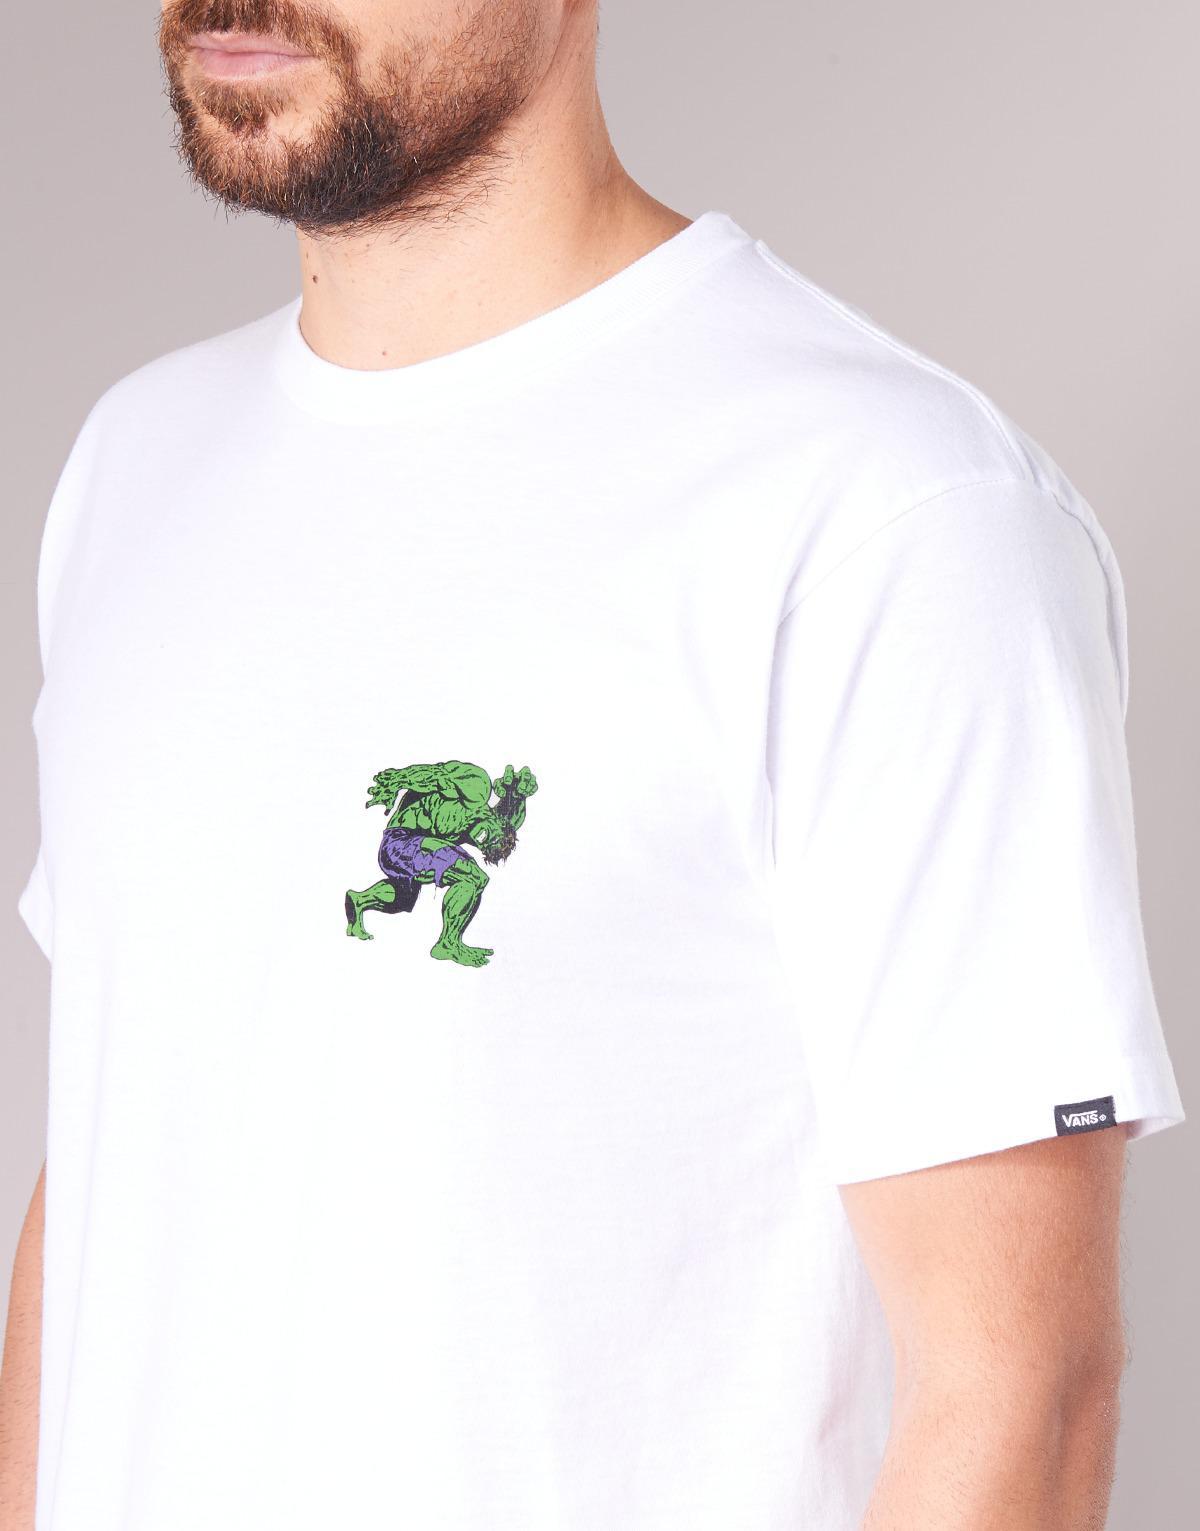 bdc8941a00 Vans X Marvel Hulk Ss T Shirt in White for Men - Lyst